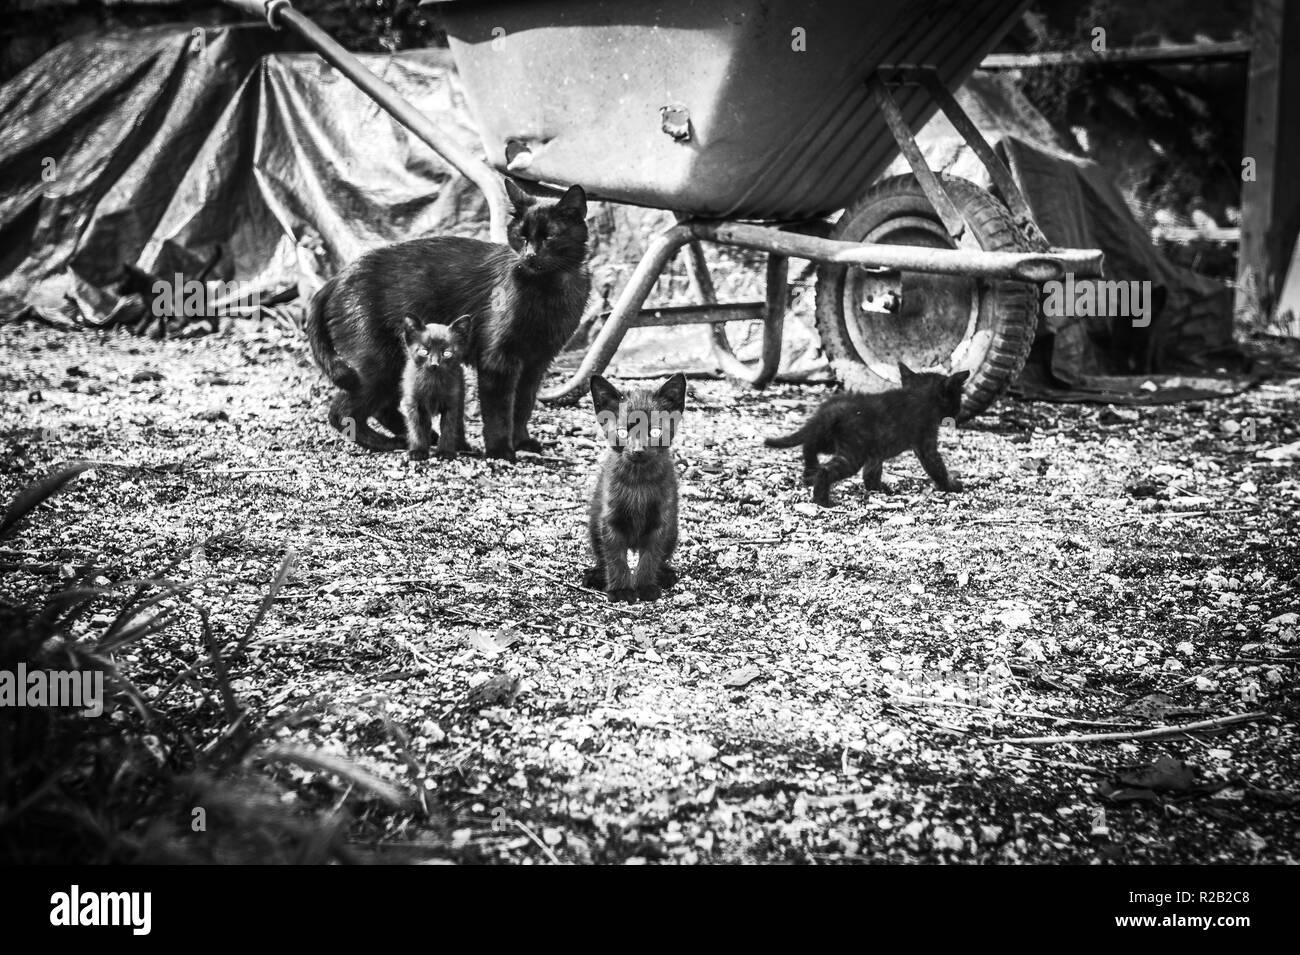 Los gatitos disfruta jugando en la granja. Foto de stock